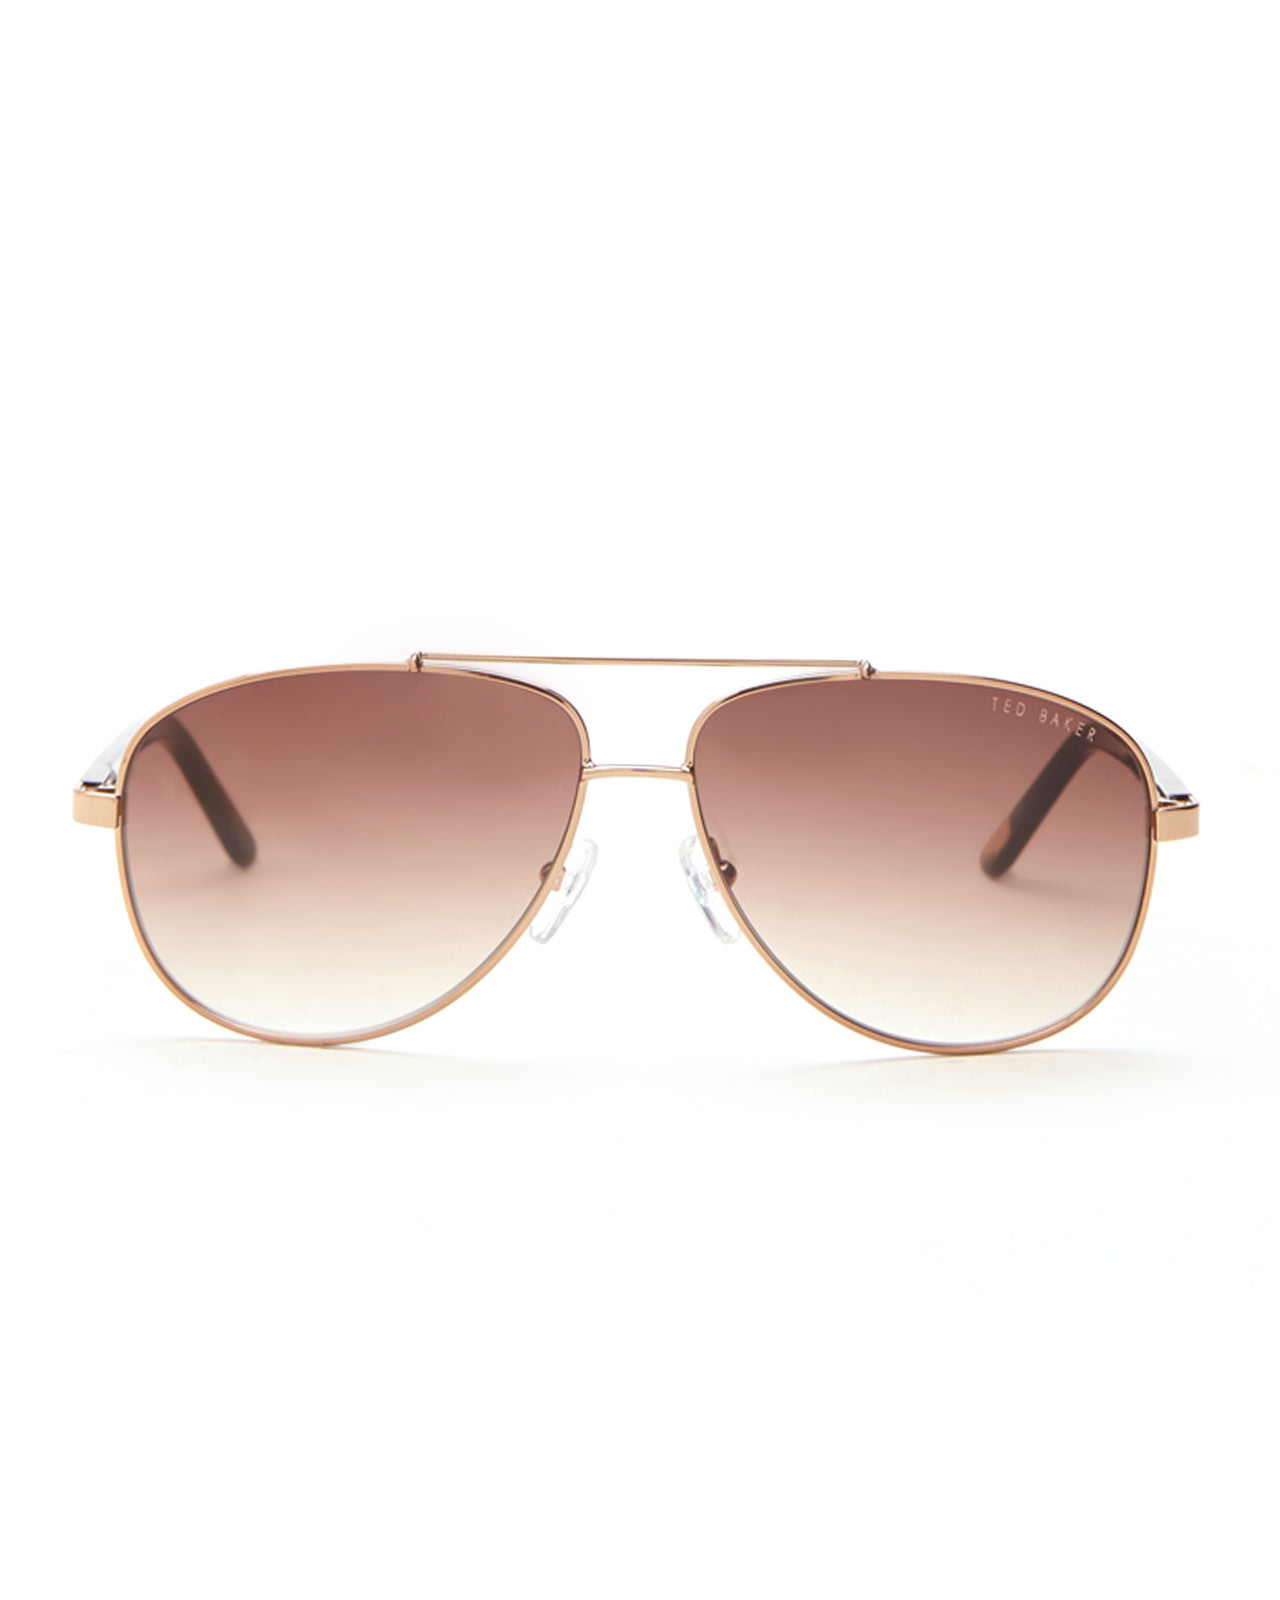 6ee48558d60 Ted Baker Scott Aviator Sunglasses